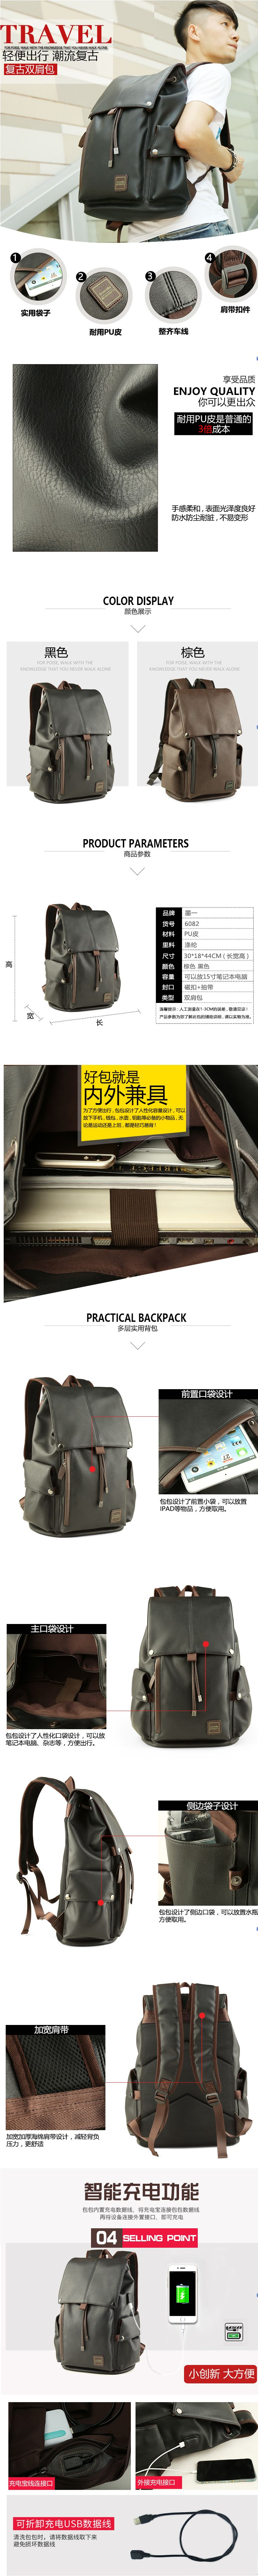 รองเท้าชาย กระเป๋าเป้หนังสะพายหลัง+ชาร์จ USB